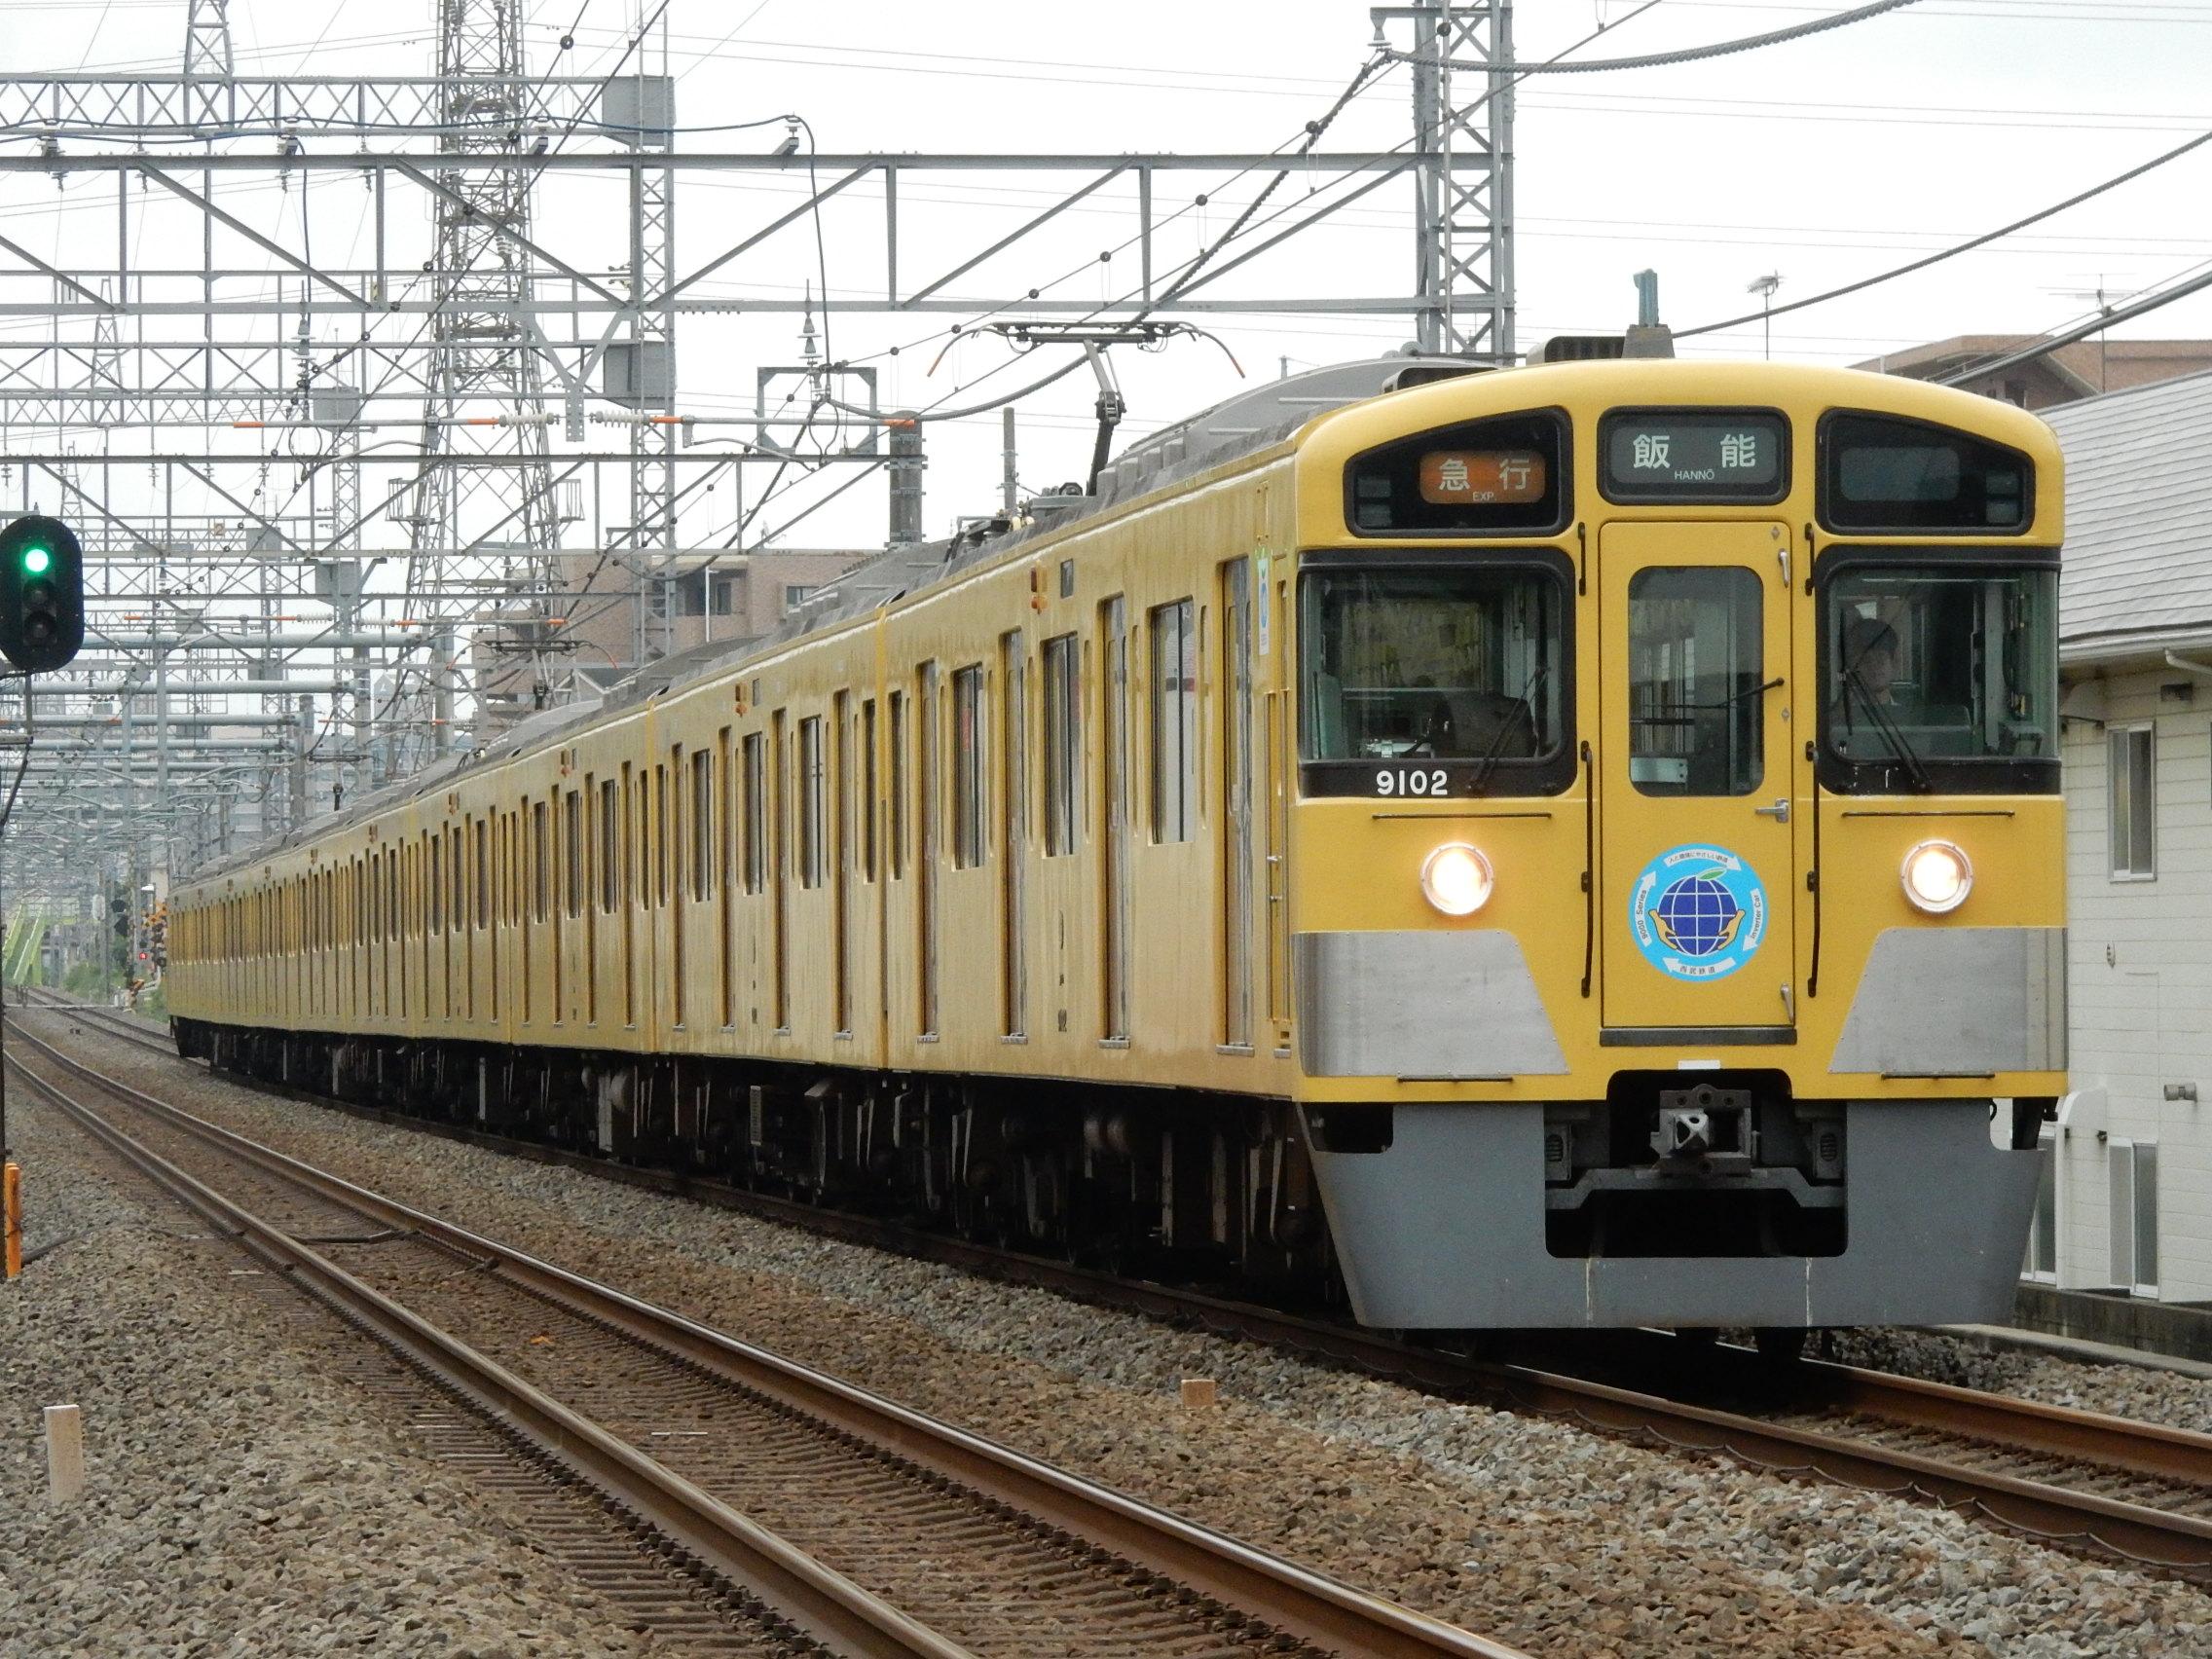 DSCN9607.jpg